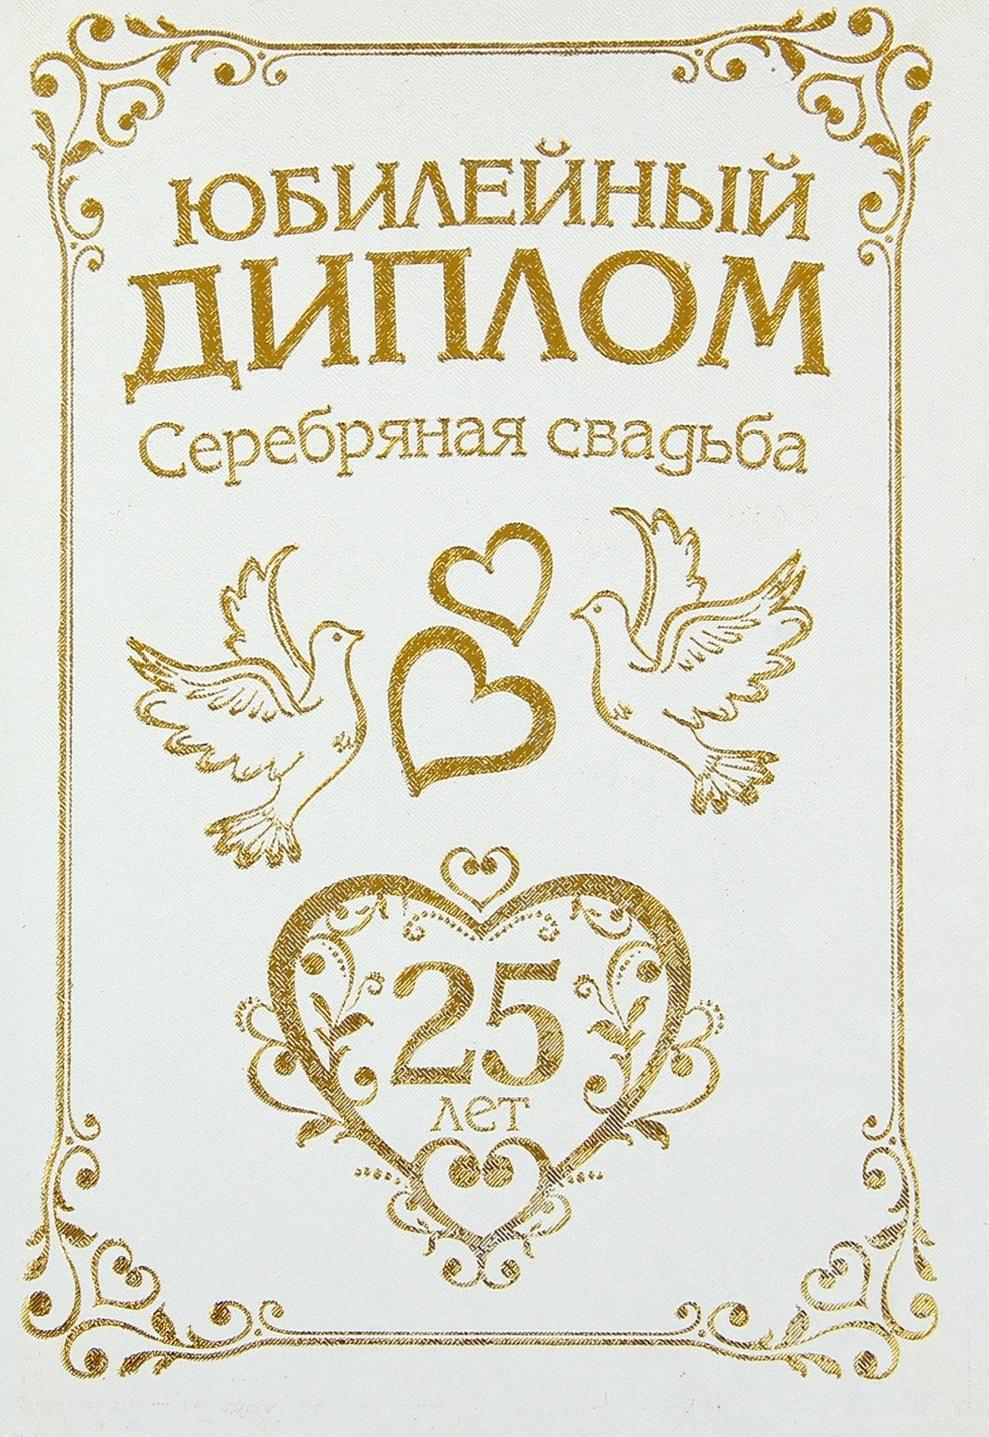 Печать грамот и дипломов для серебрянной свадьбы 25 лет в Москве | фото 2